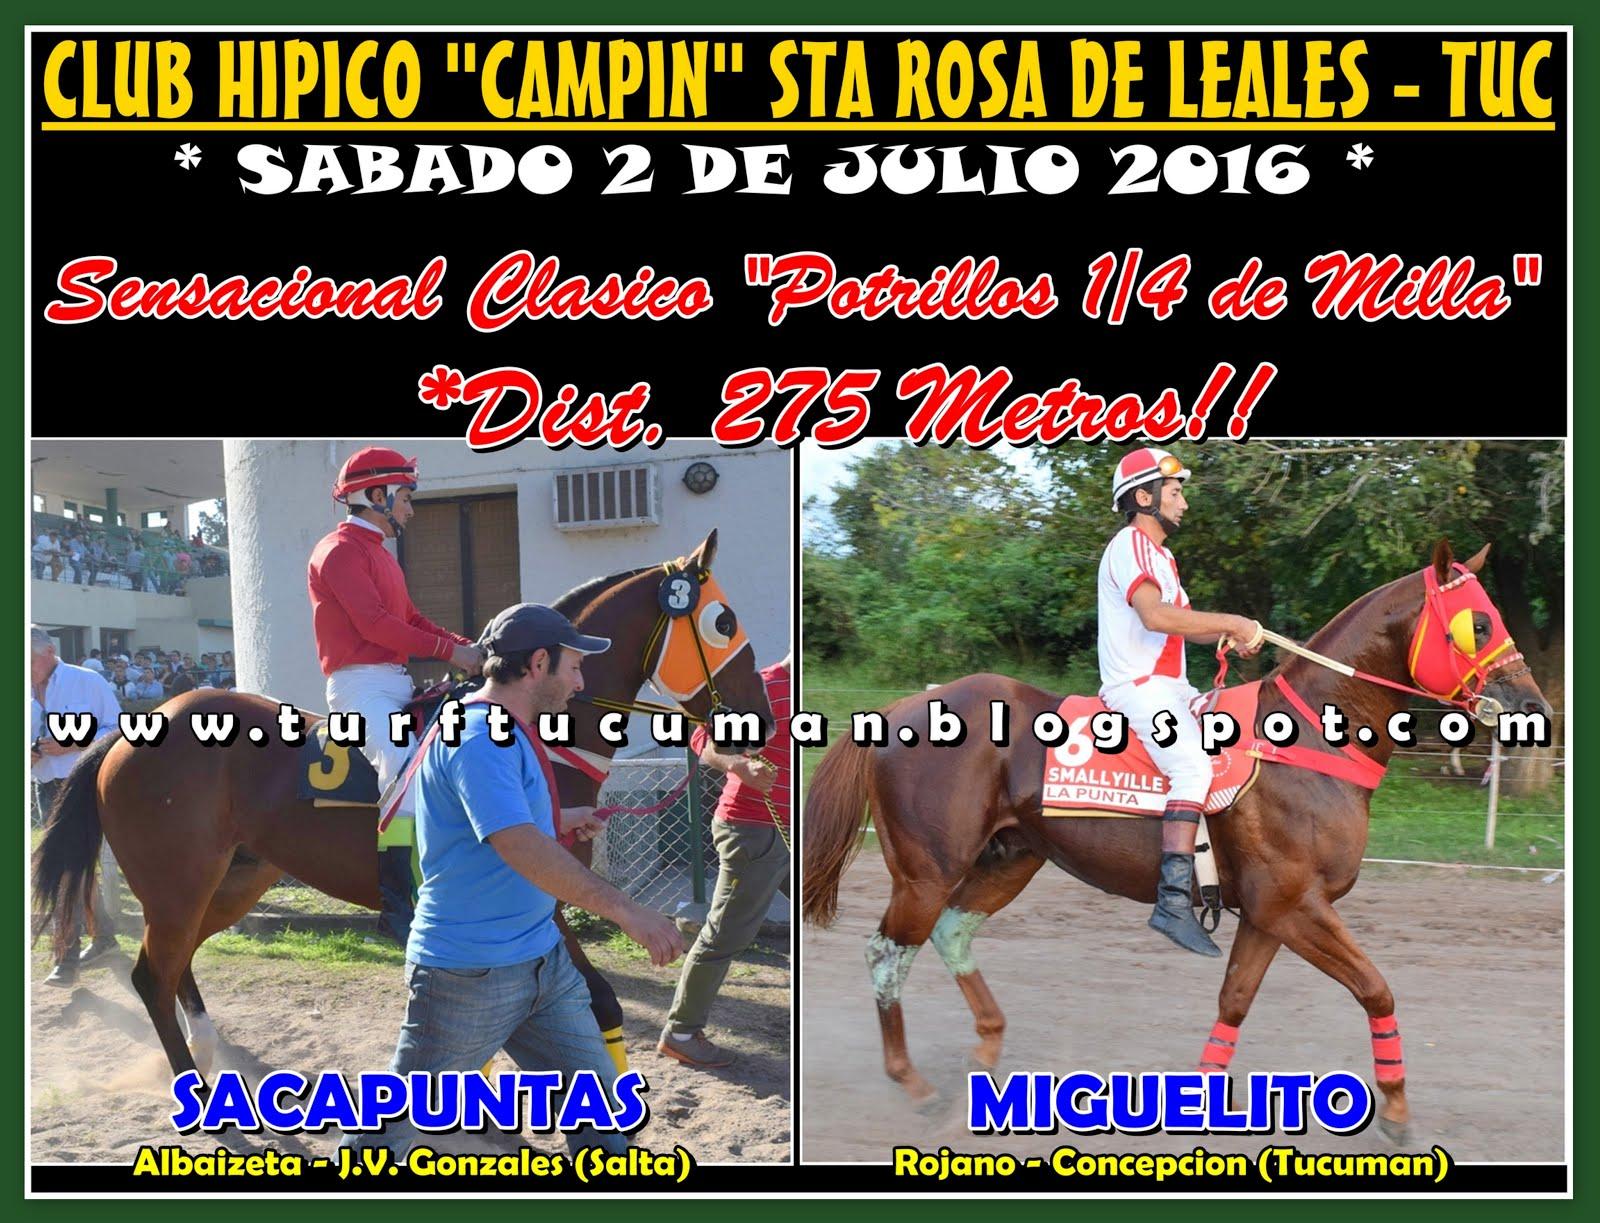 MIGUELITO VS SACAPUNTAS